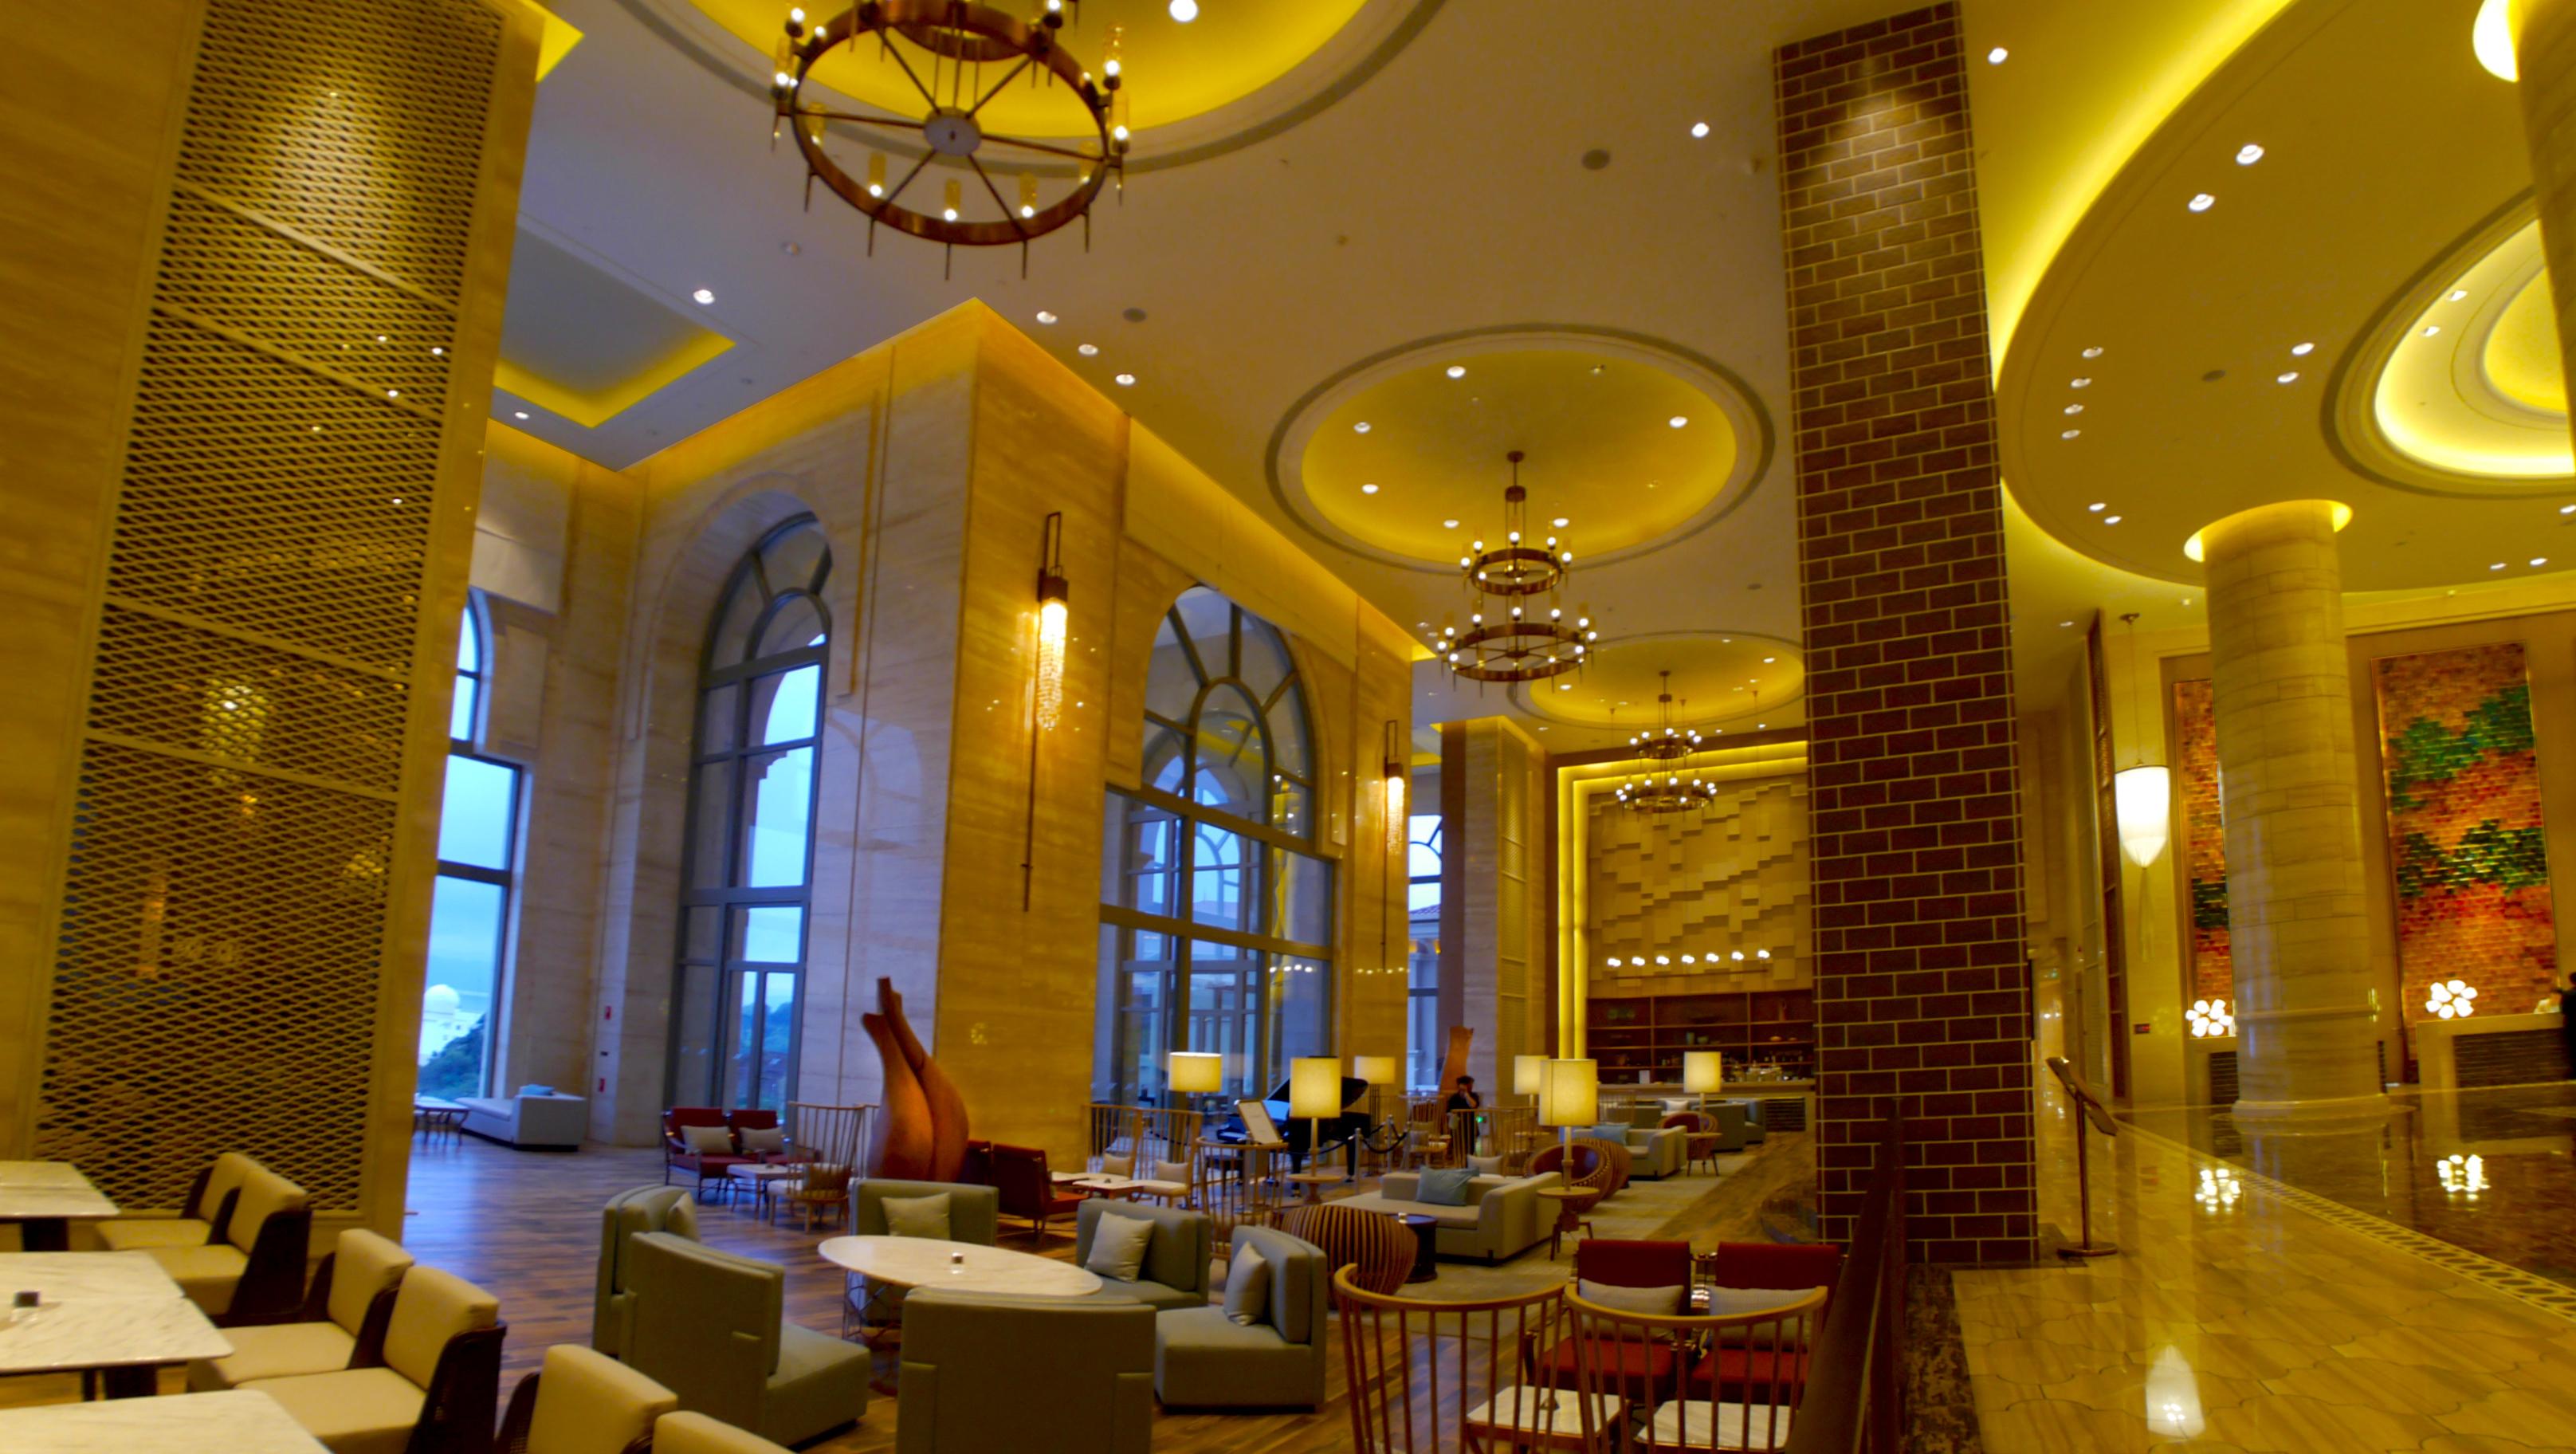 Socialight 5 Hilton Fuxian Lake Lobby 2